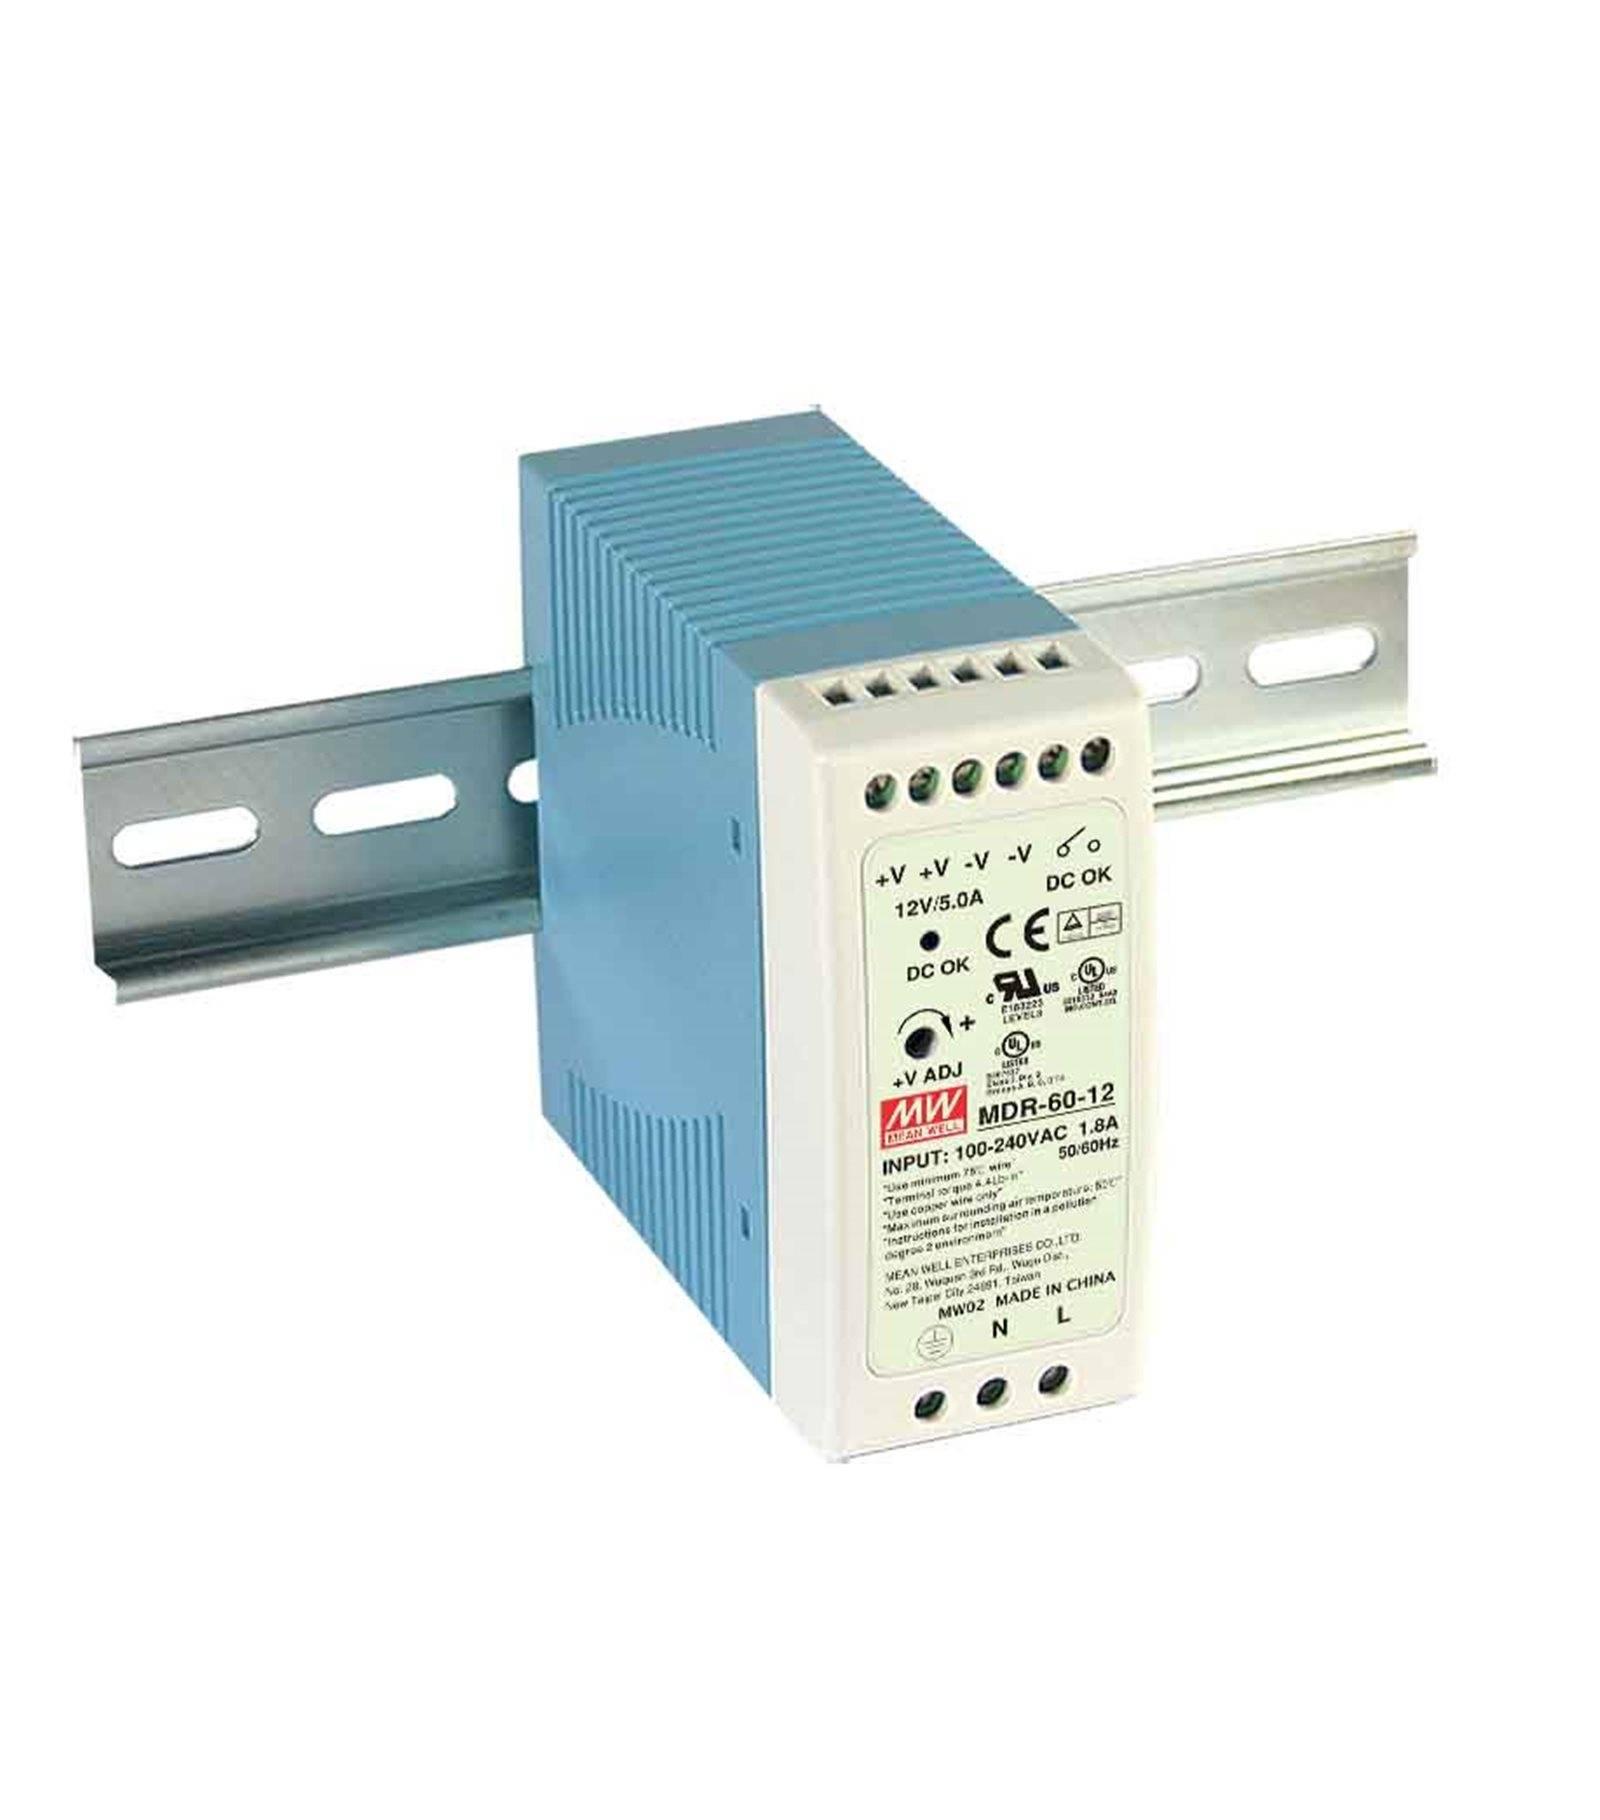 Mean Well Transformateur pour rail DIN armoire électrique 60Wà 12V DC MDR-60-12 MEAN WELL - MDR-60-12